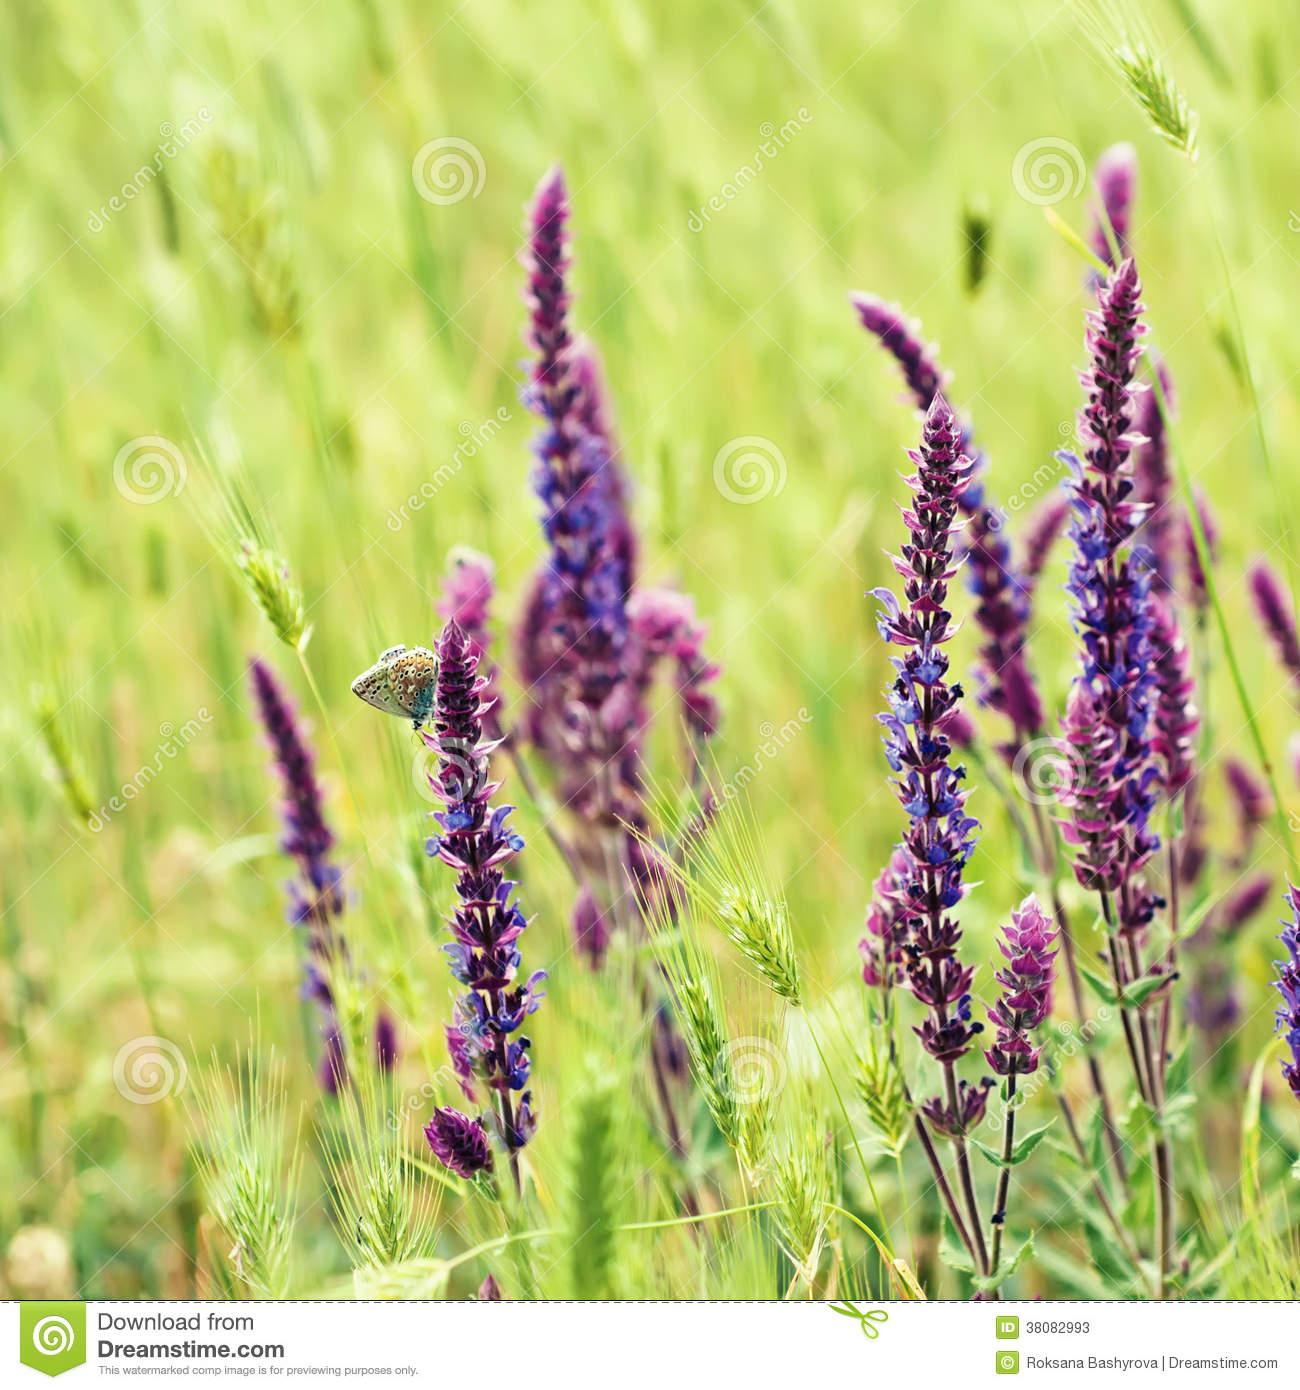 Violette Wiesenblume Stockbild. Bild Von Frühling, Bunt mit Wiesenblume Violett